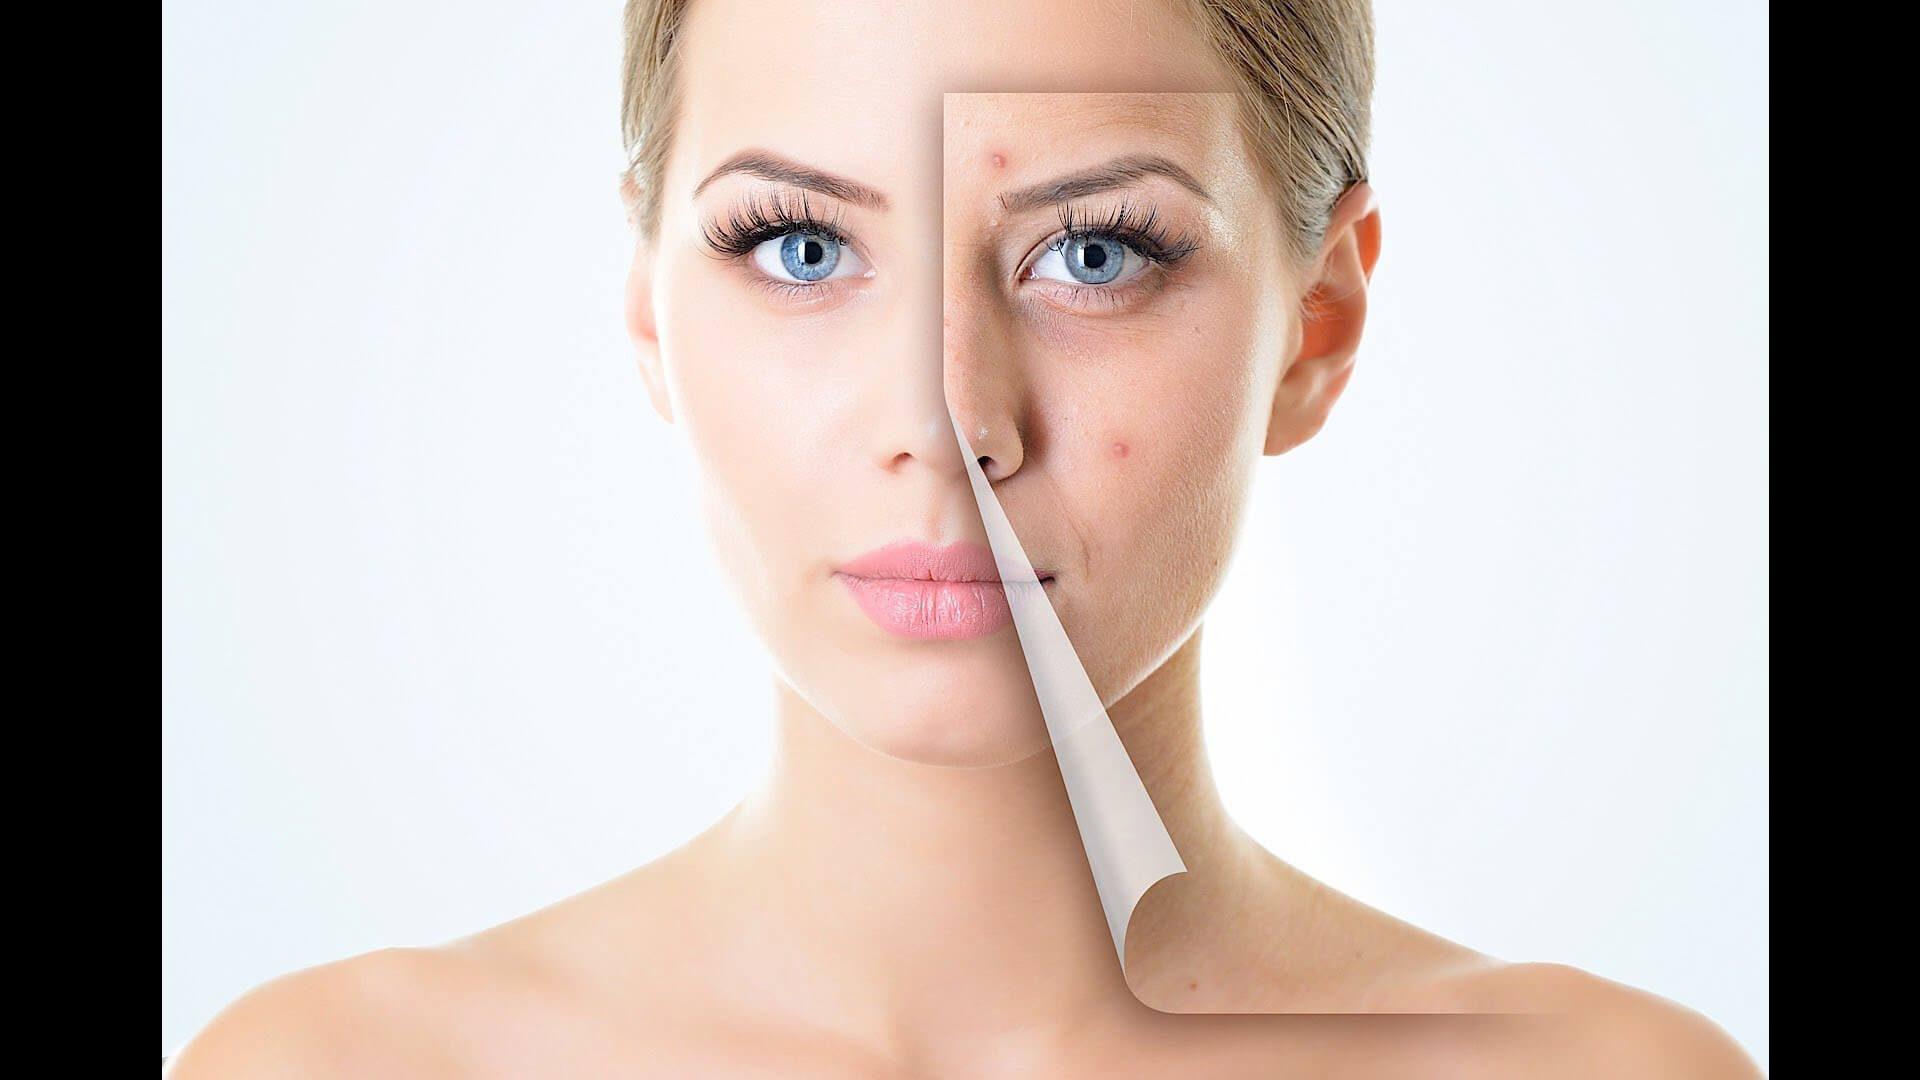 skinicer® REPAIR CARE, czyli jak dbać o skórę twarzy pod maską ochronną podczas pandemii?